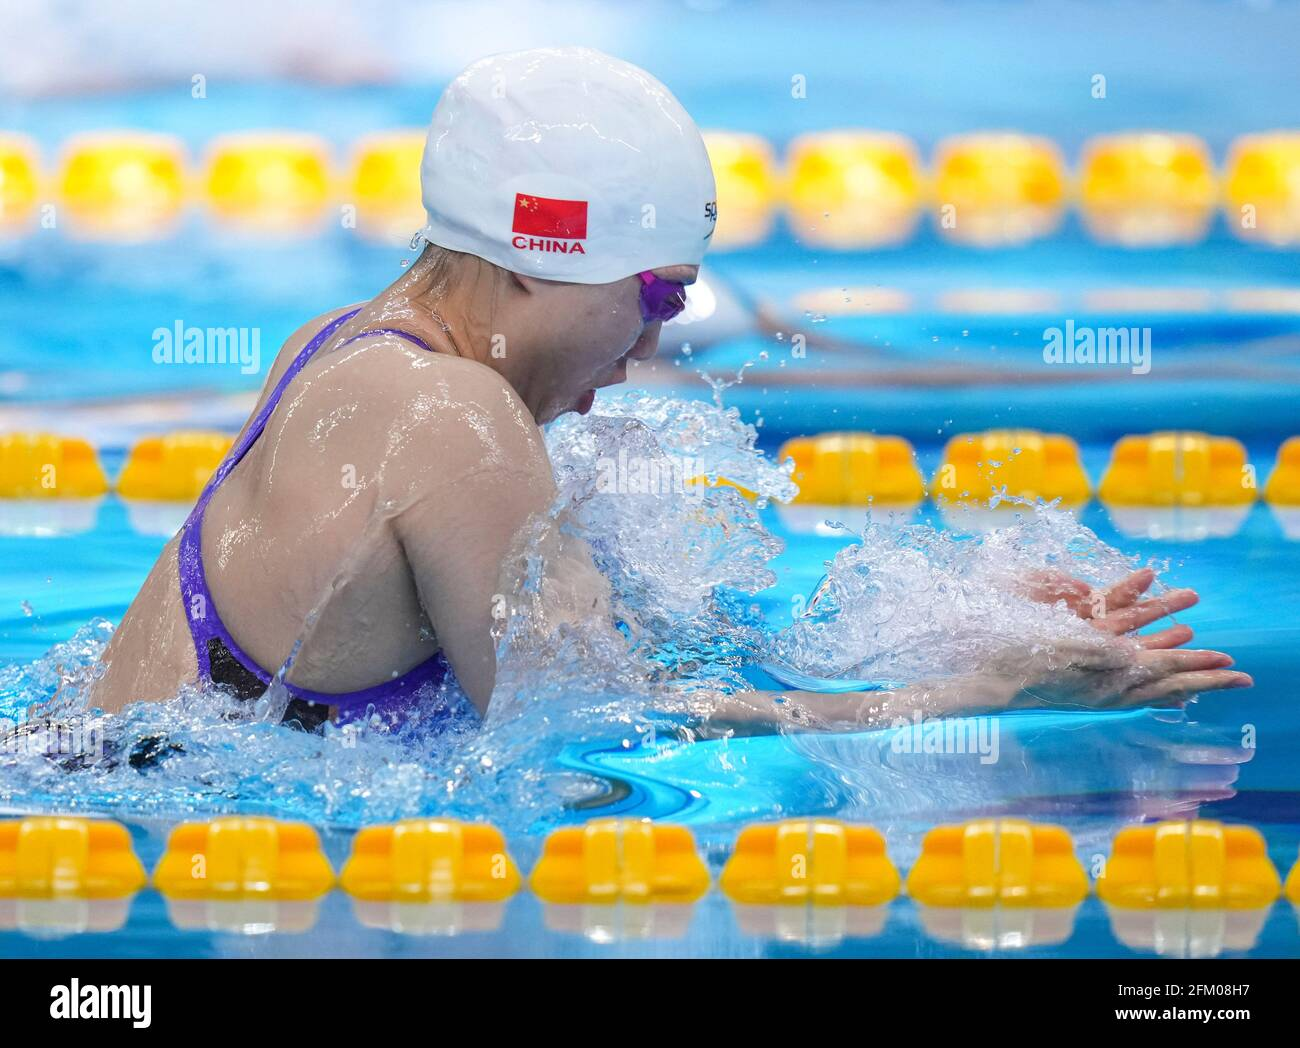 Qingdao, China. 5th de mayo de 2021. Tang Qianting de Shanghai compite durante la semifinal femenina de la esternación de 200m en el Campeonato Nacional Chino de Natación de 2021 en Qingdao, China oriental, 5 de mayo de 2021. Crédito: Xu Chang/Xinhua/Alamy Live News Foto de stock